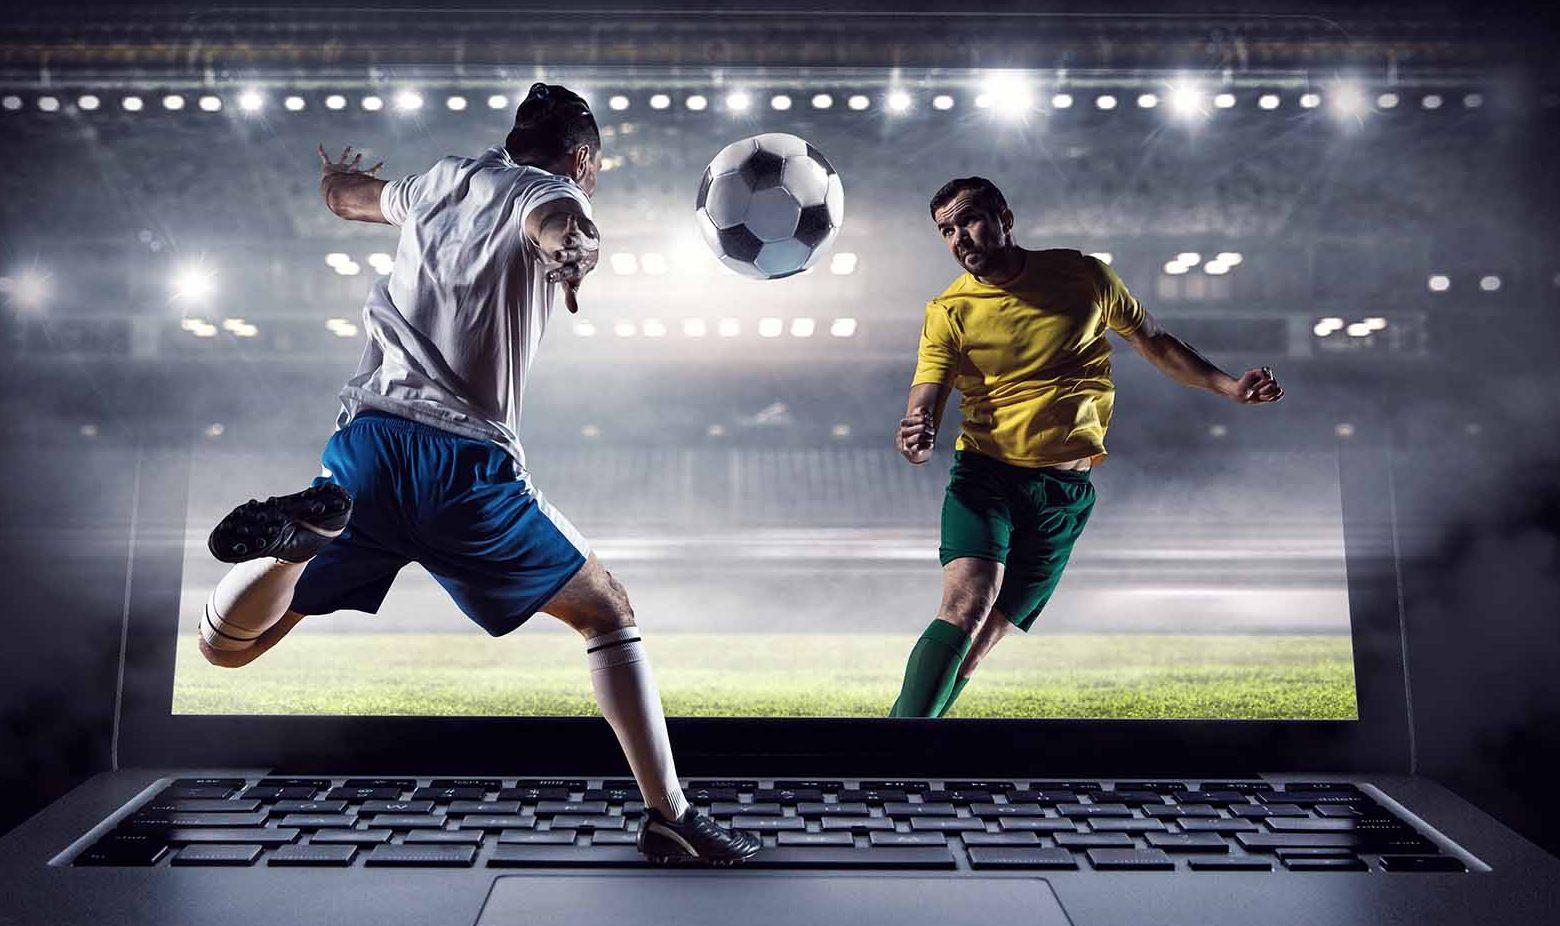 Поставить на футбольную команду и выиграть можно в БК Пари Матч